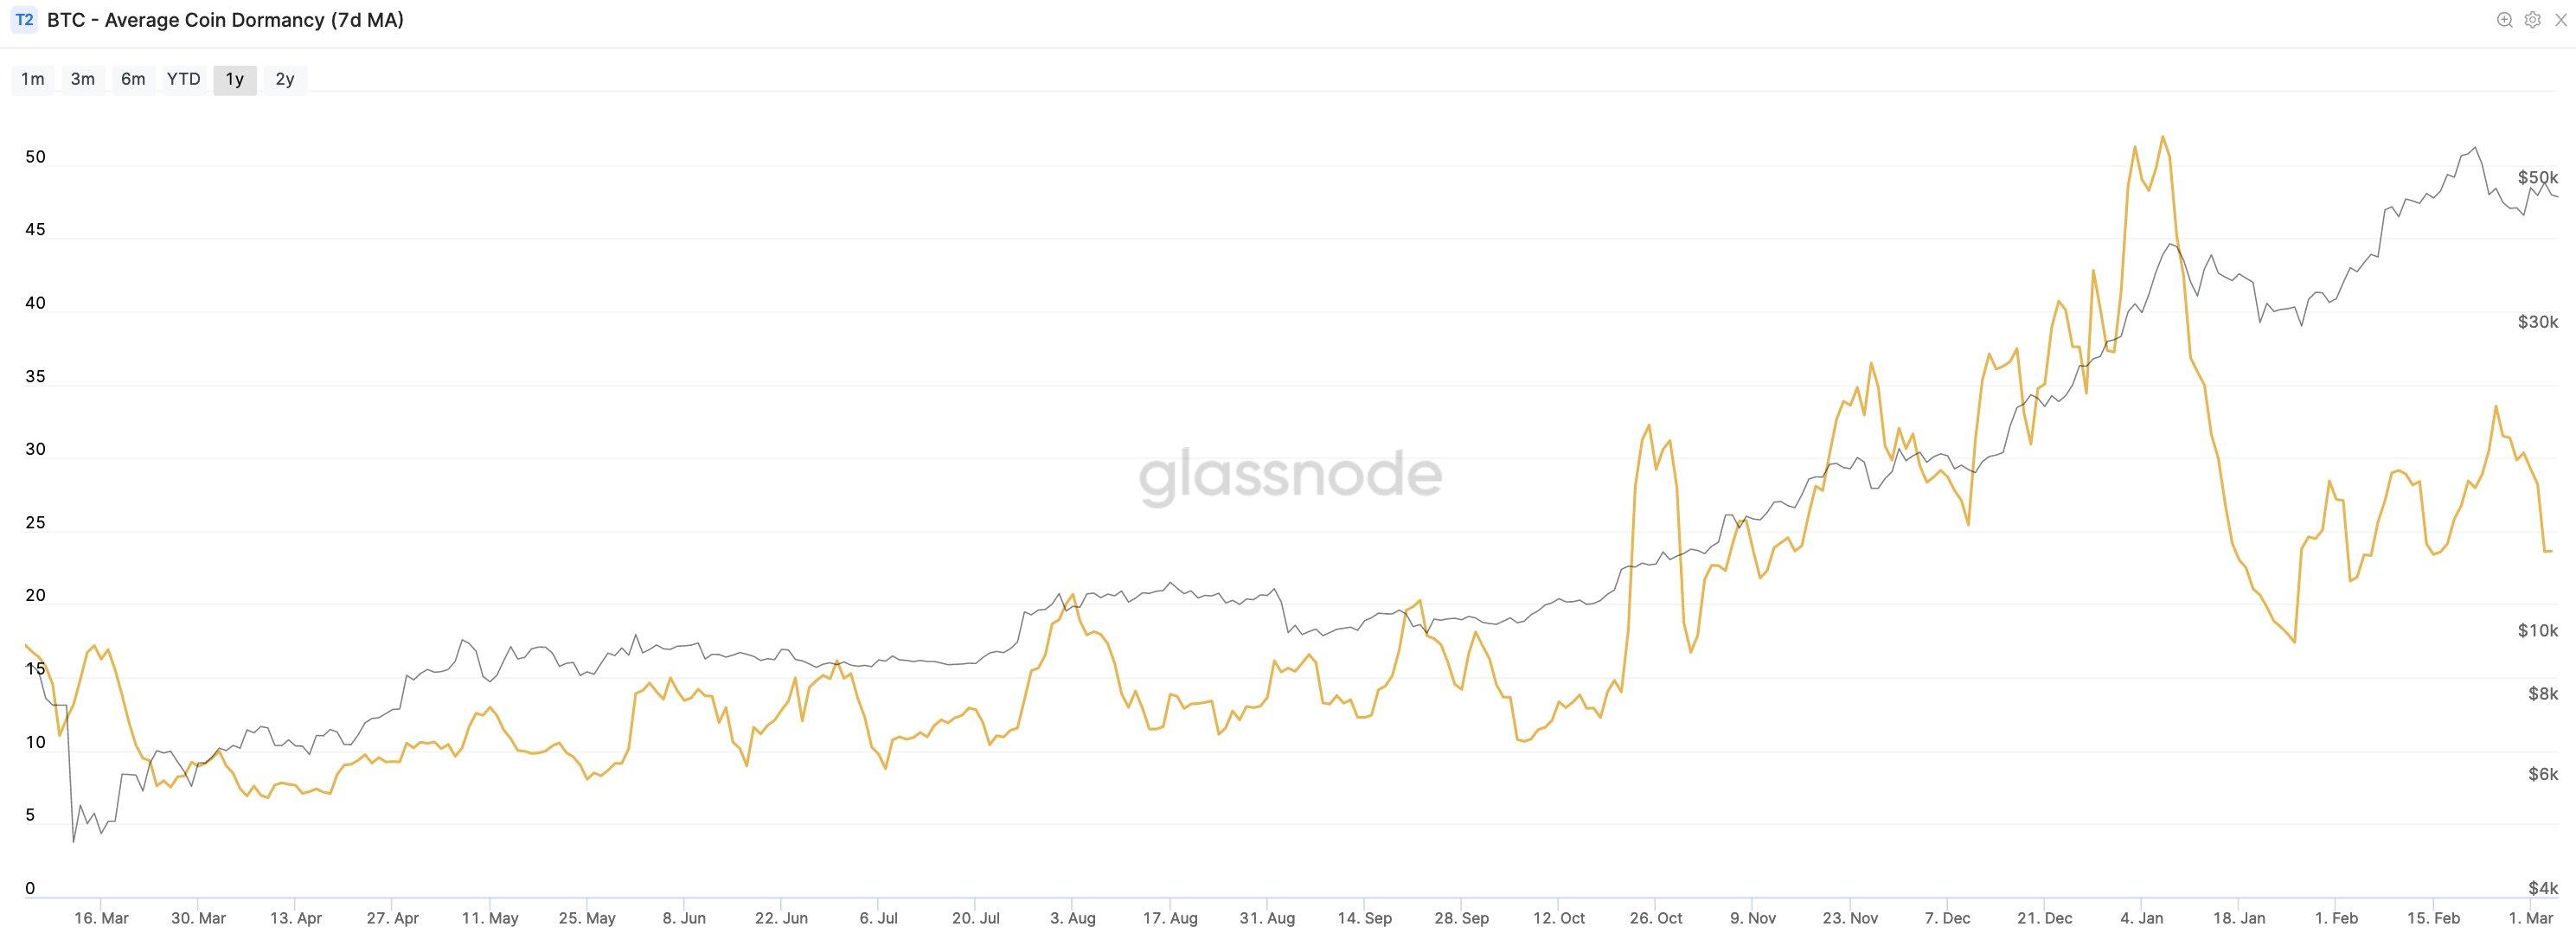 Grafico della dormancy media di Bitcoin